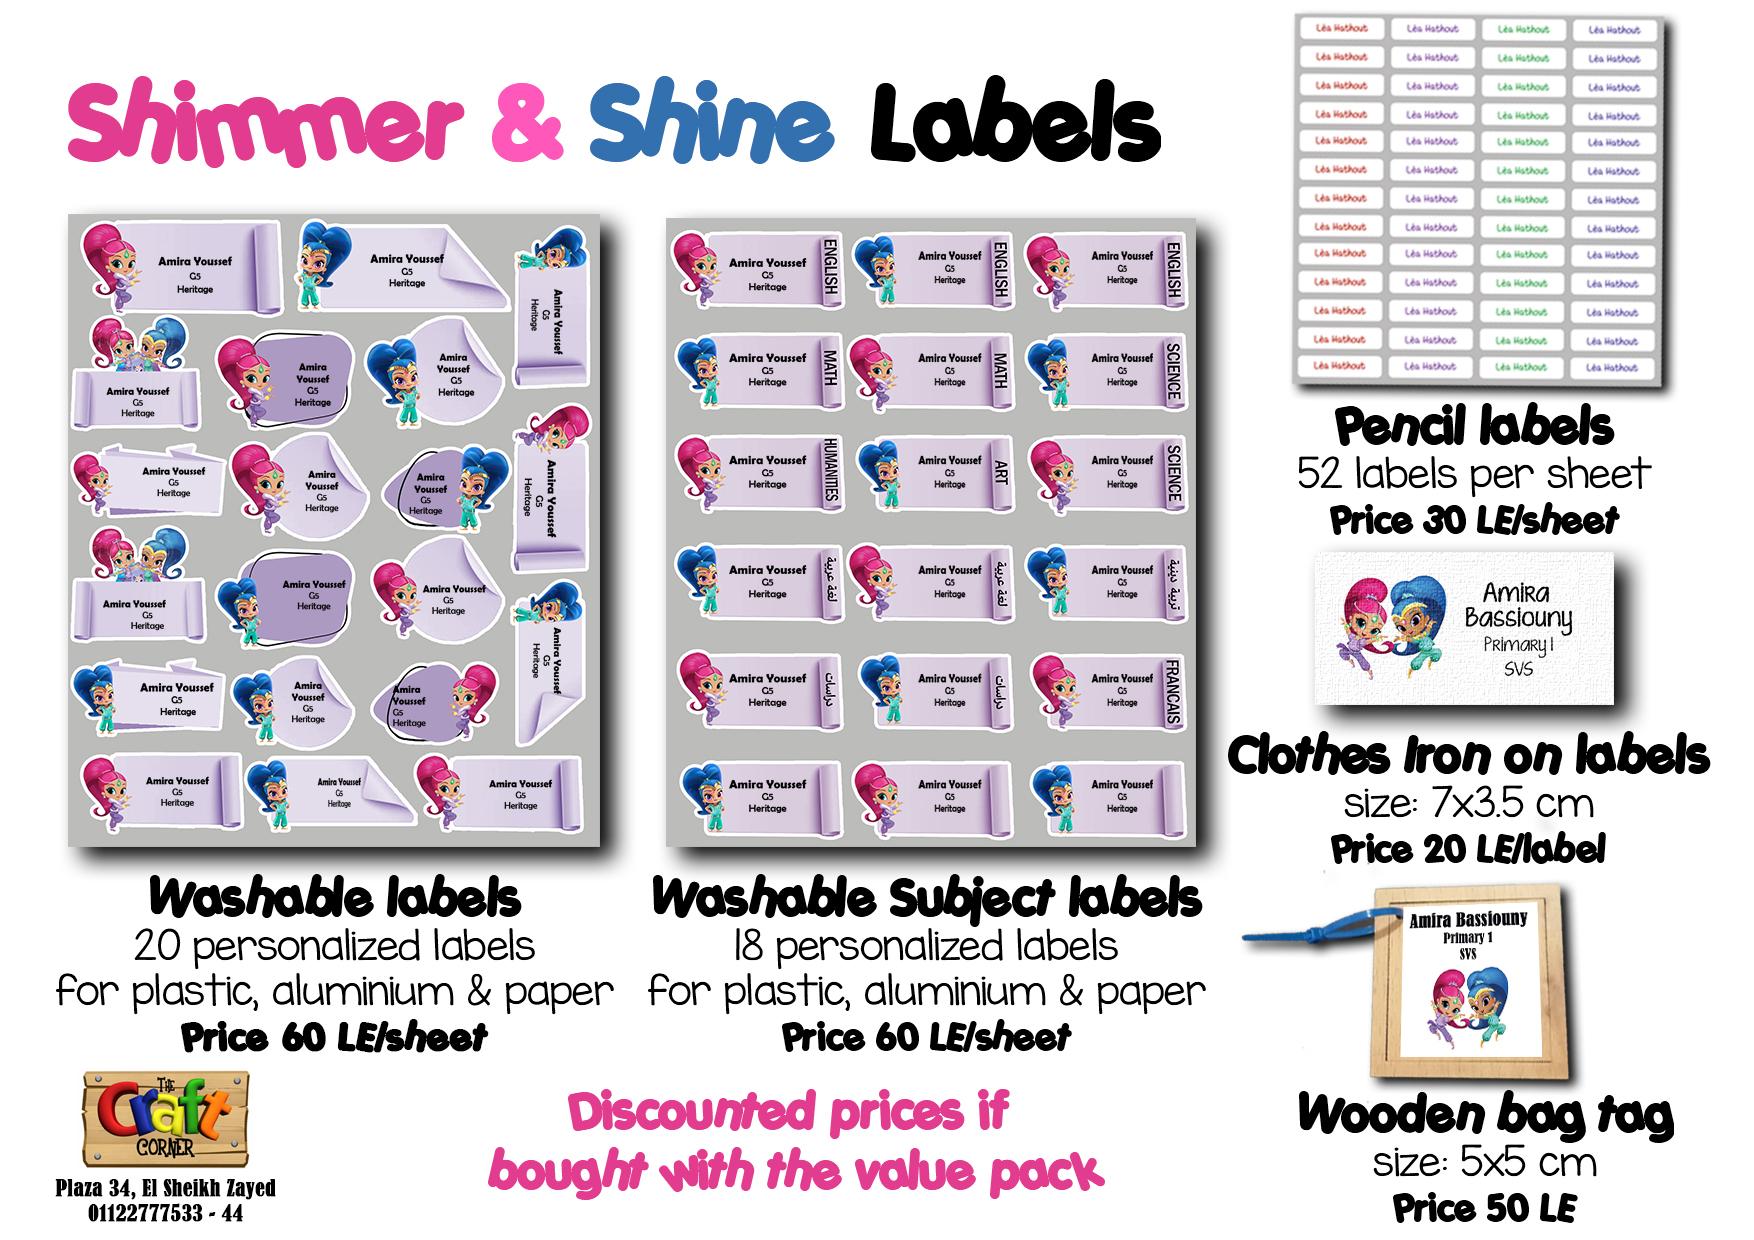 shimmer & shine Labels